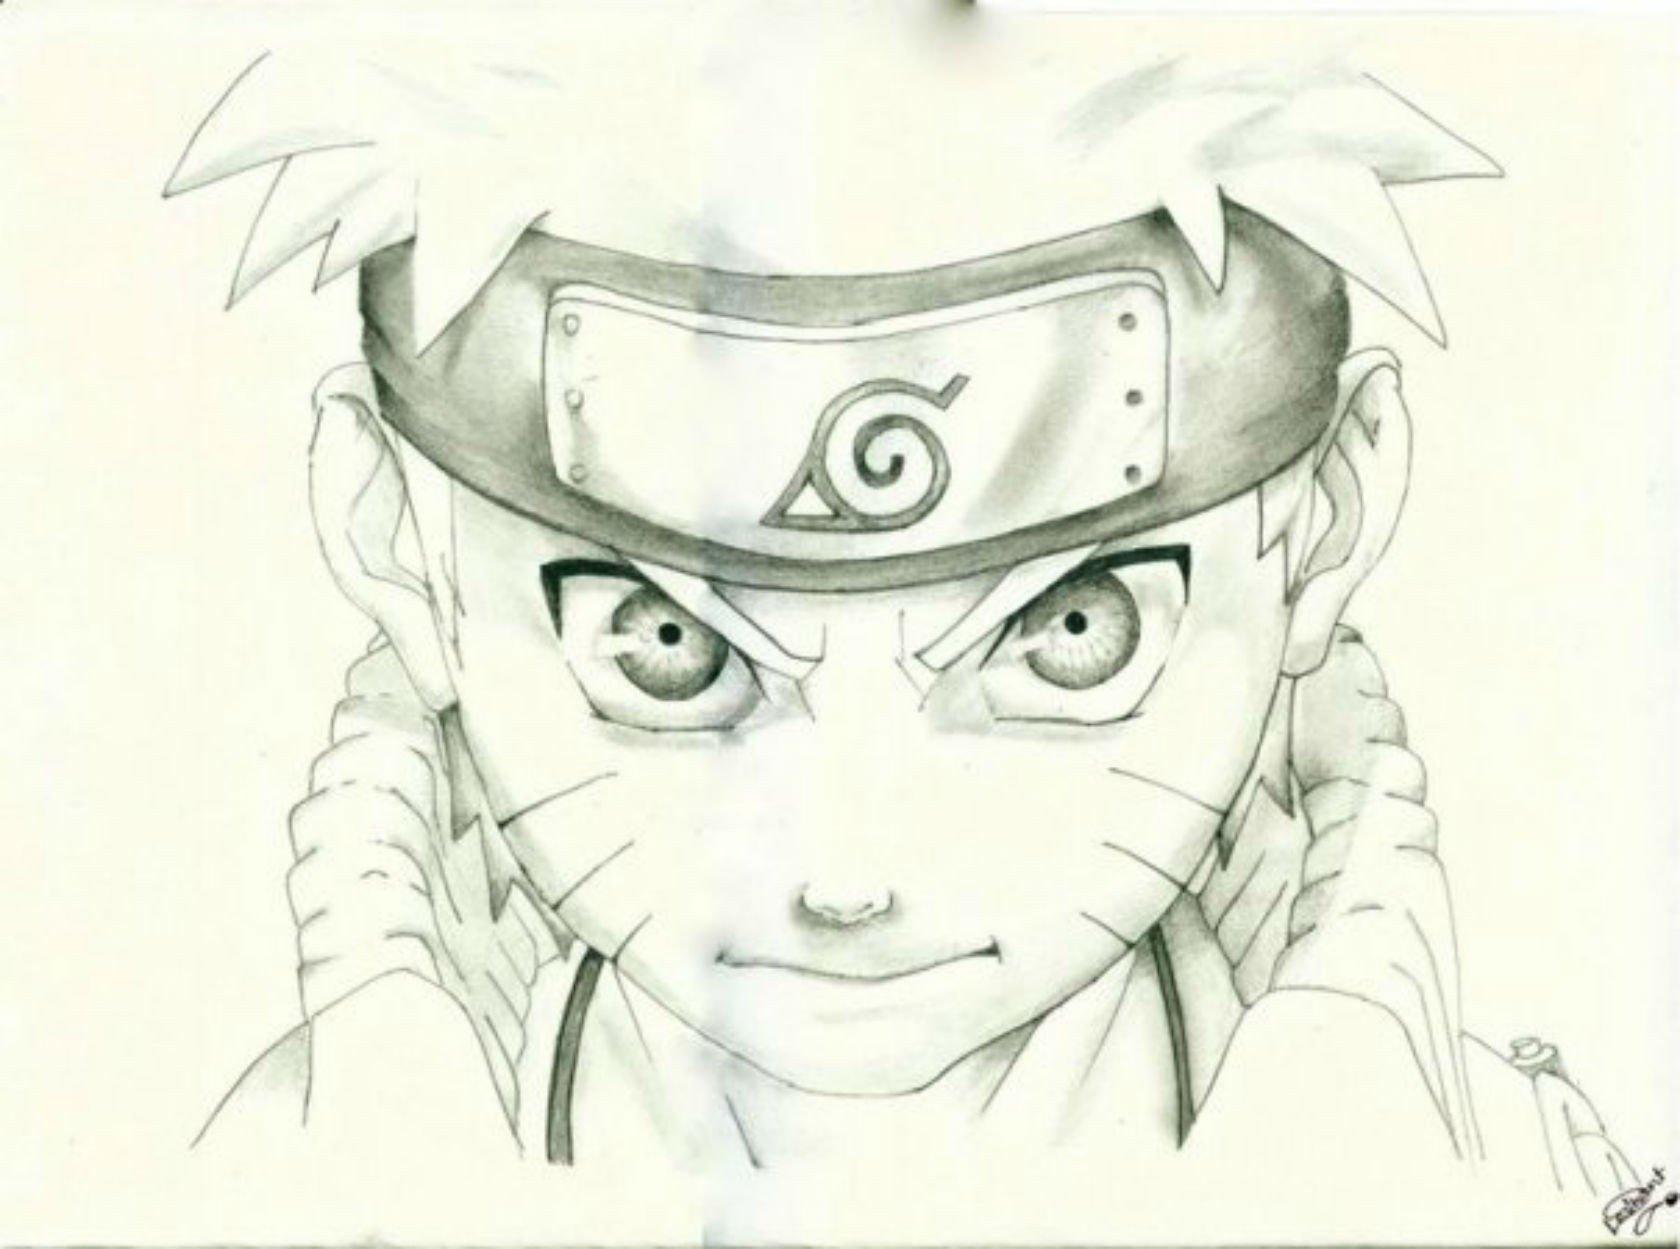 Naruto Drawings Wallpapers - Wallpaper Cave